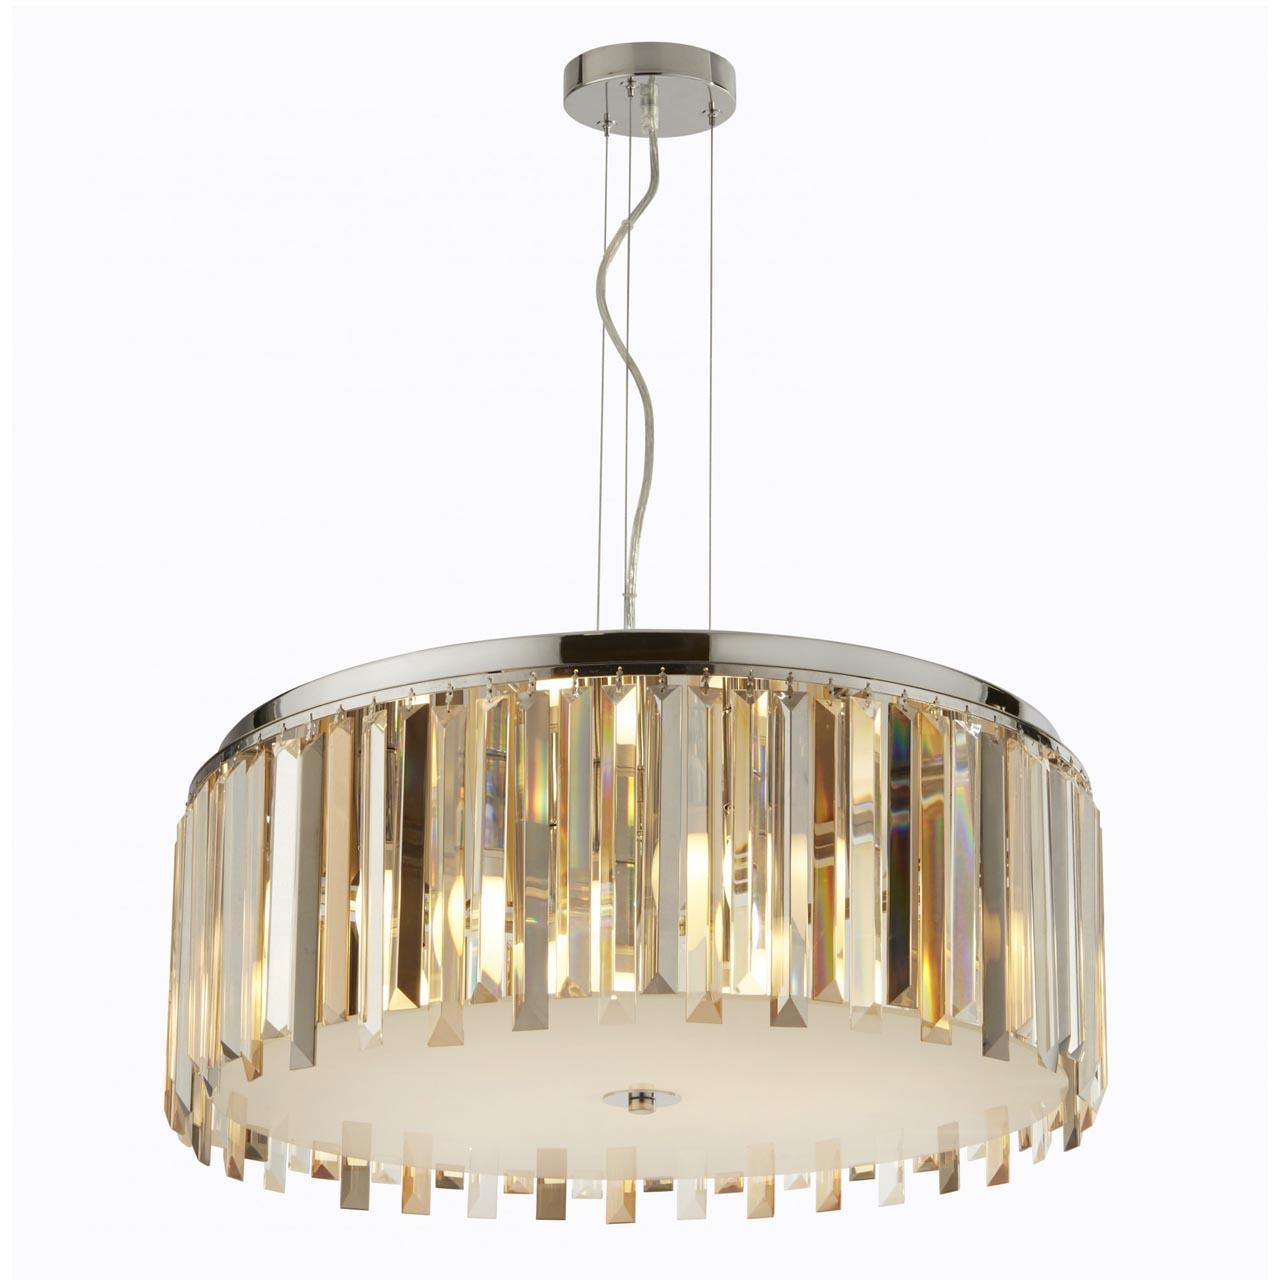 Подвесной светильник Divinare 1223/02 SP-5 divinare подвесной светильник divinare candela 1162 01 sp 5